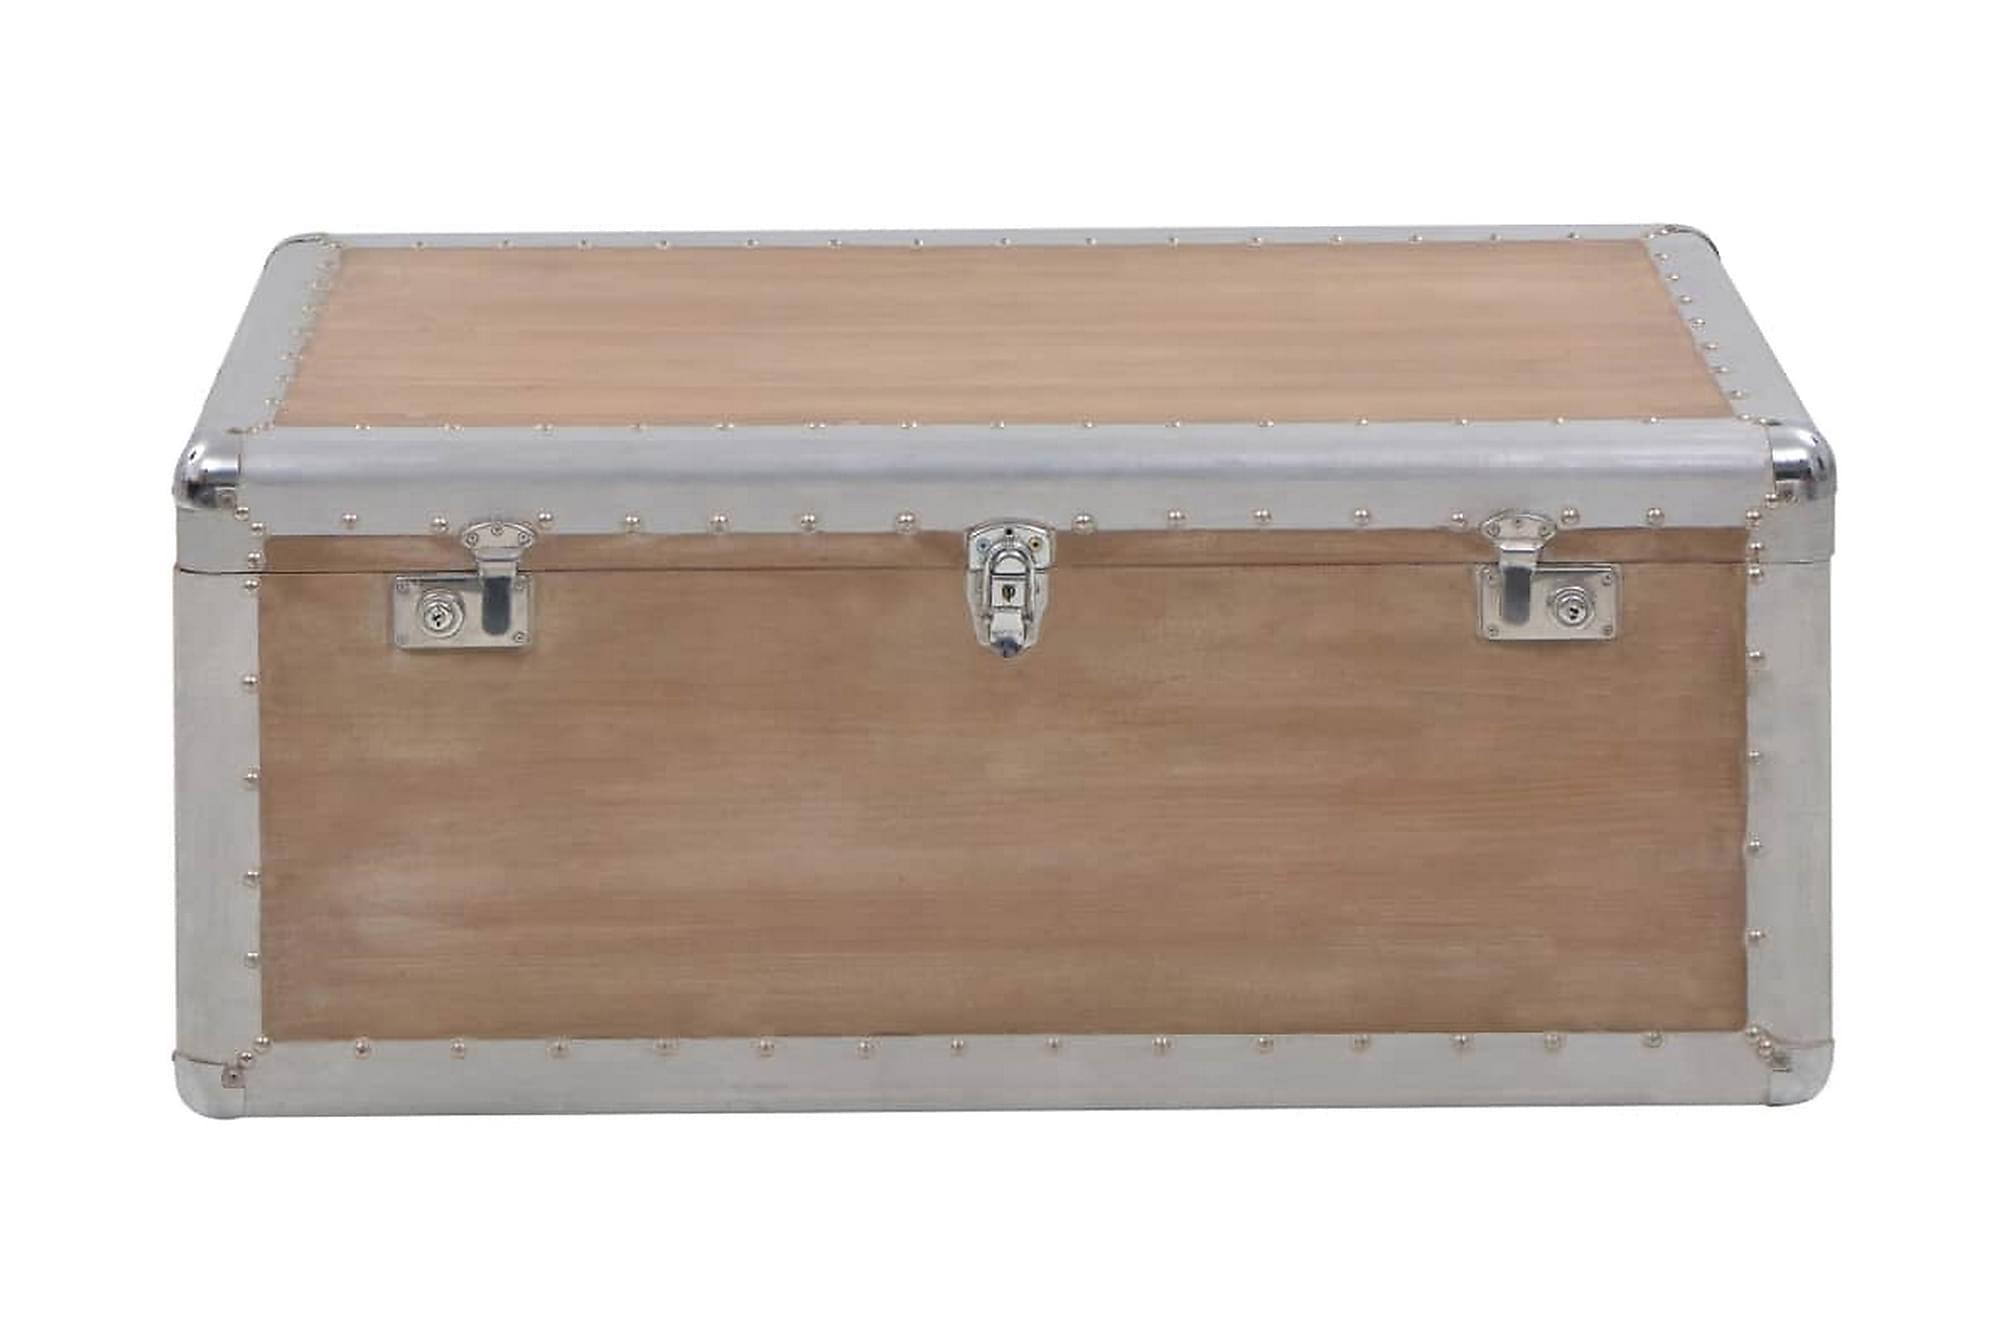 Förvaringslåda massivt granträ 91x52x40 cm brun, Förvaringskistor & sängkistor